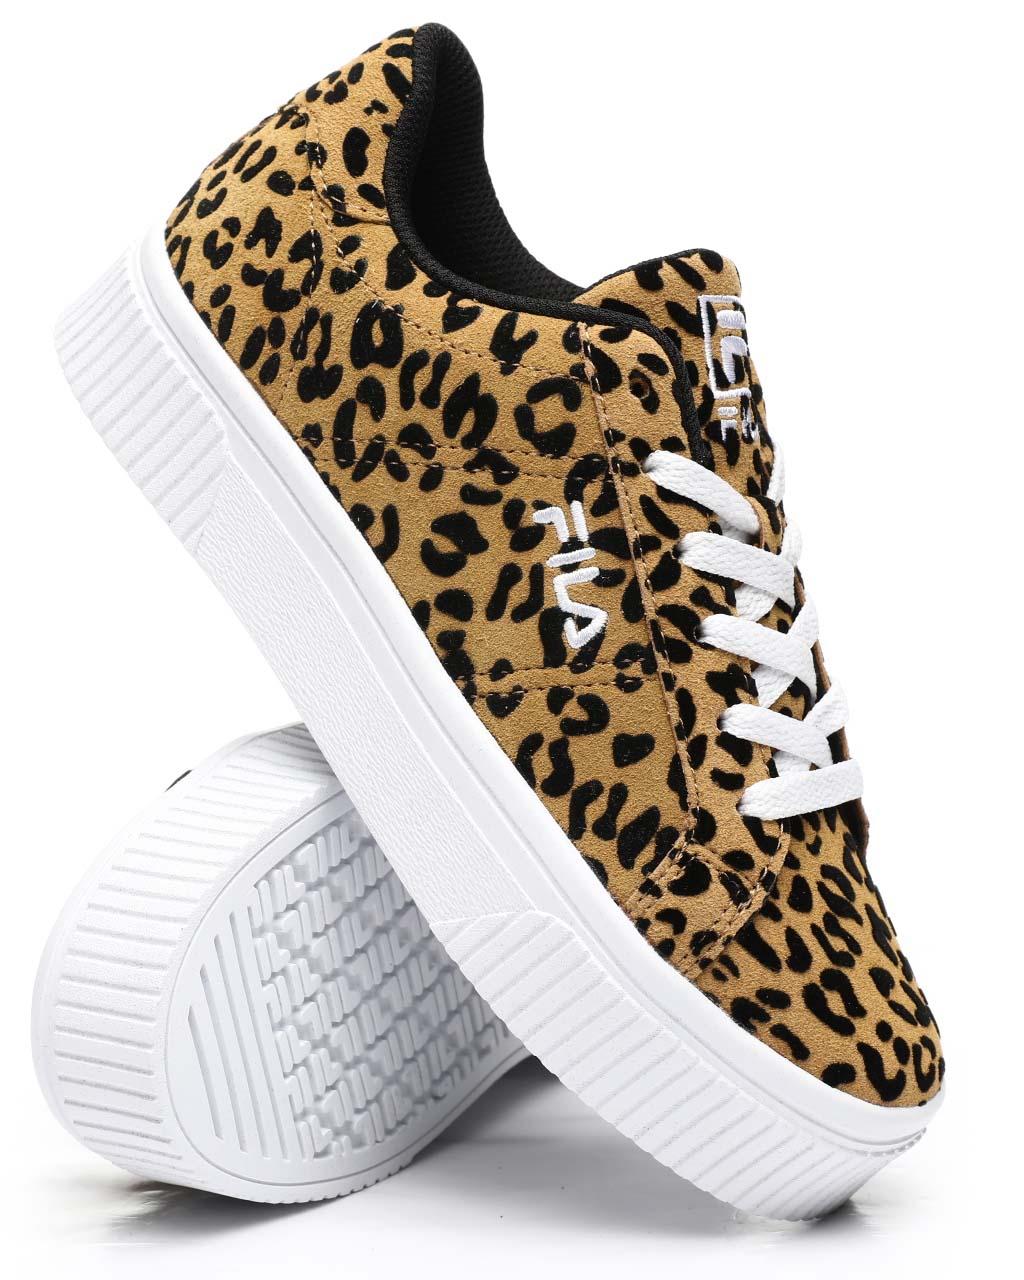 Buy Panache All Leopard Sneakers Women